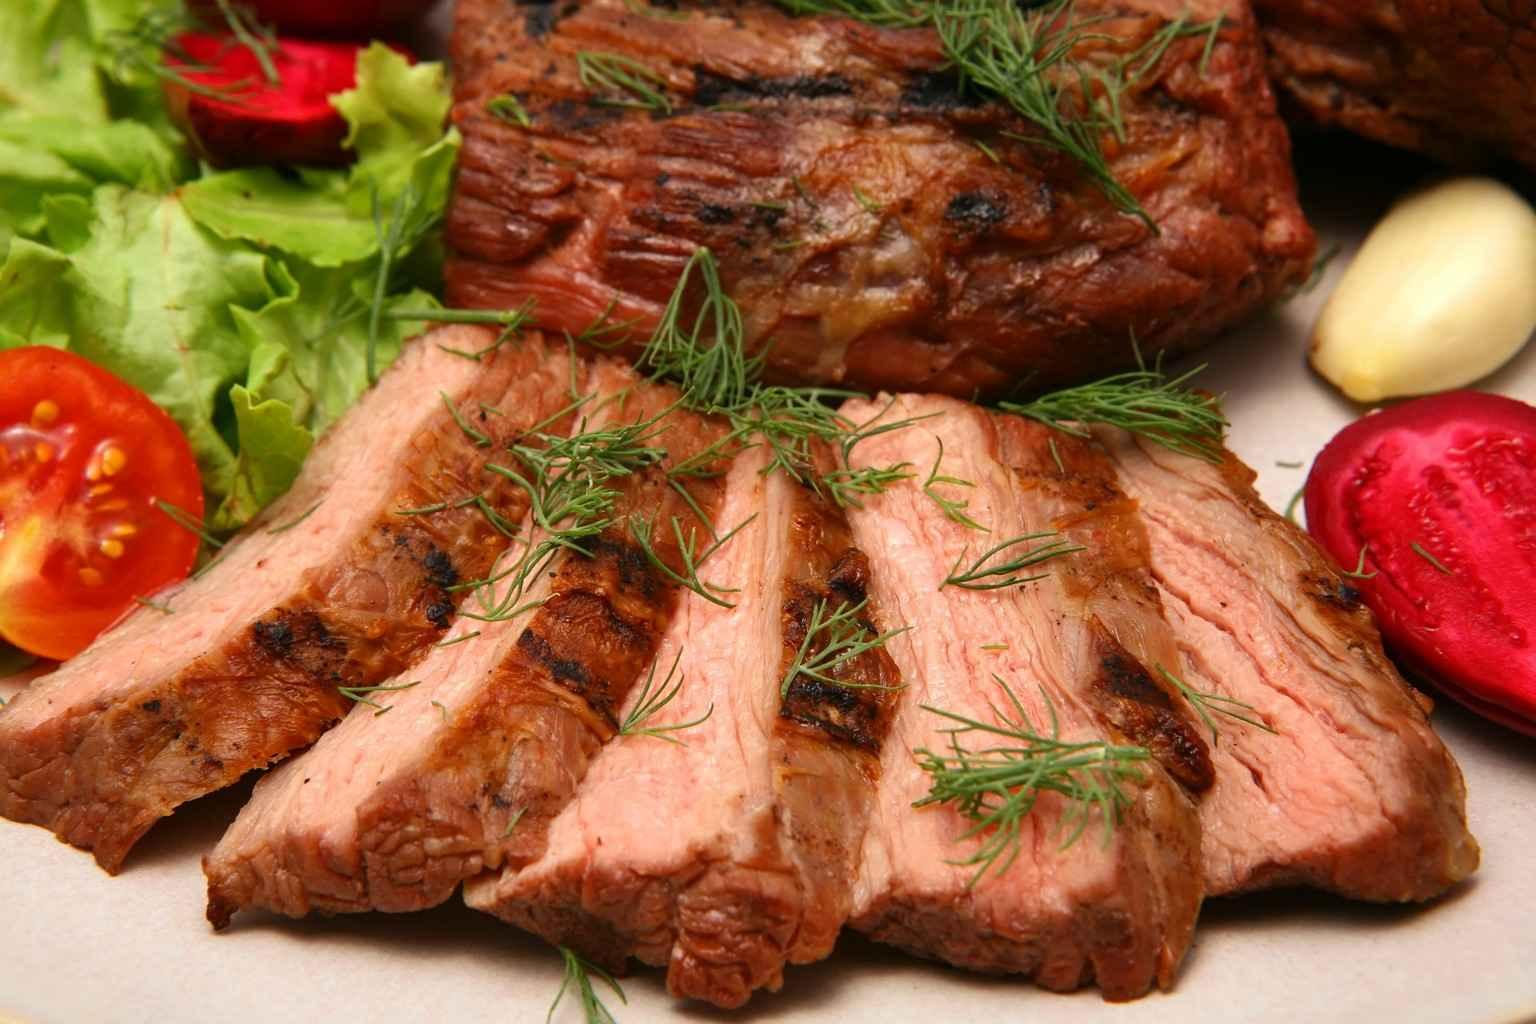 Фото на тему: Можно ли свинину на новый год 2019? Кто будет готовить?